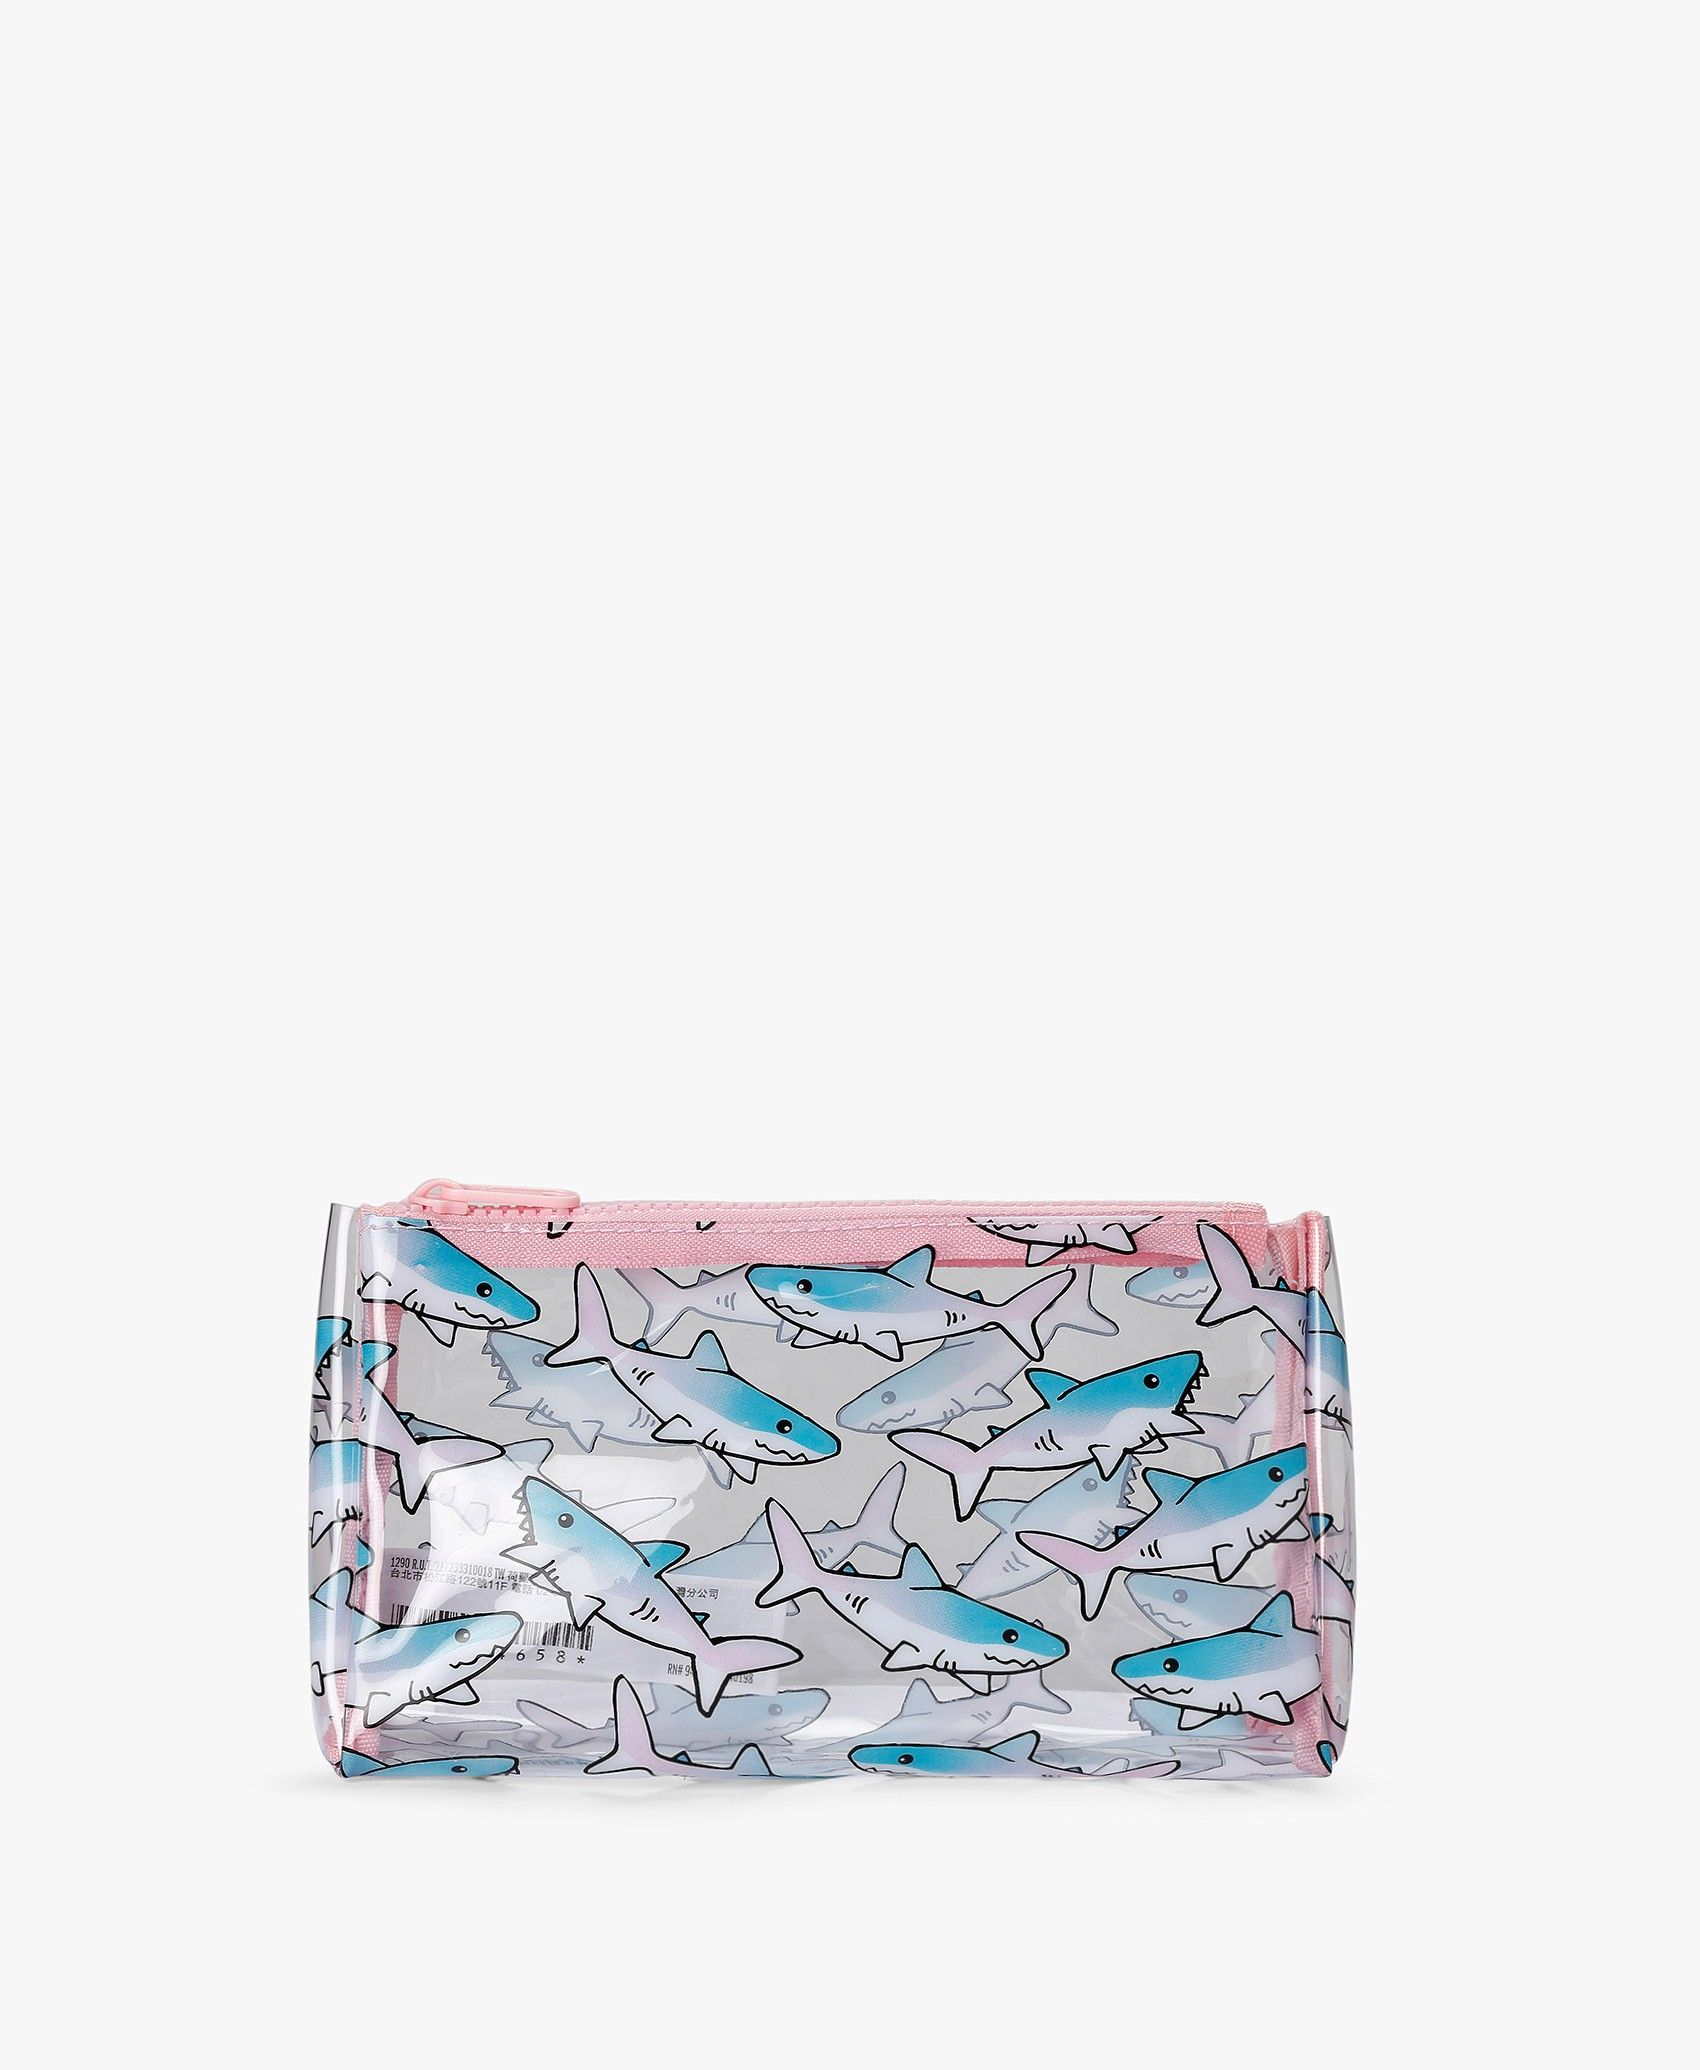 0e837649232b Pink Shark Print Makeup Bag in 2019 | everything | Shark makeup ...